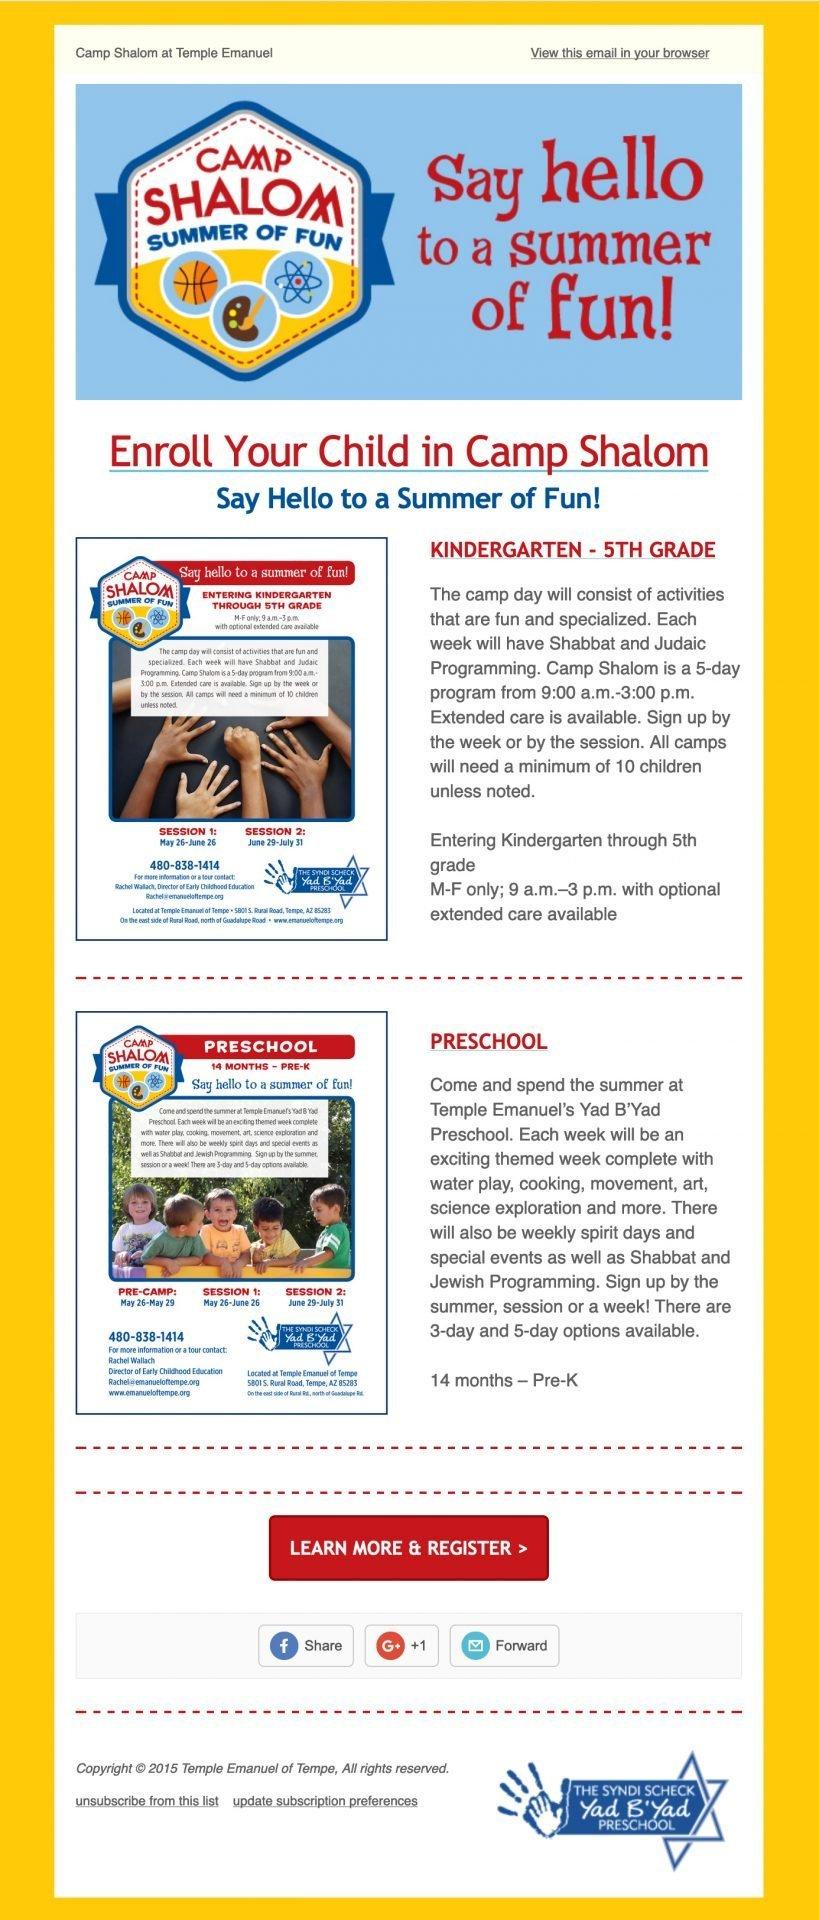 Camp-Shalom-Summer-Fun-Preschool-Email